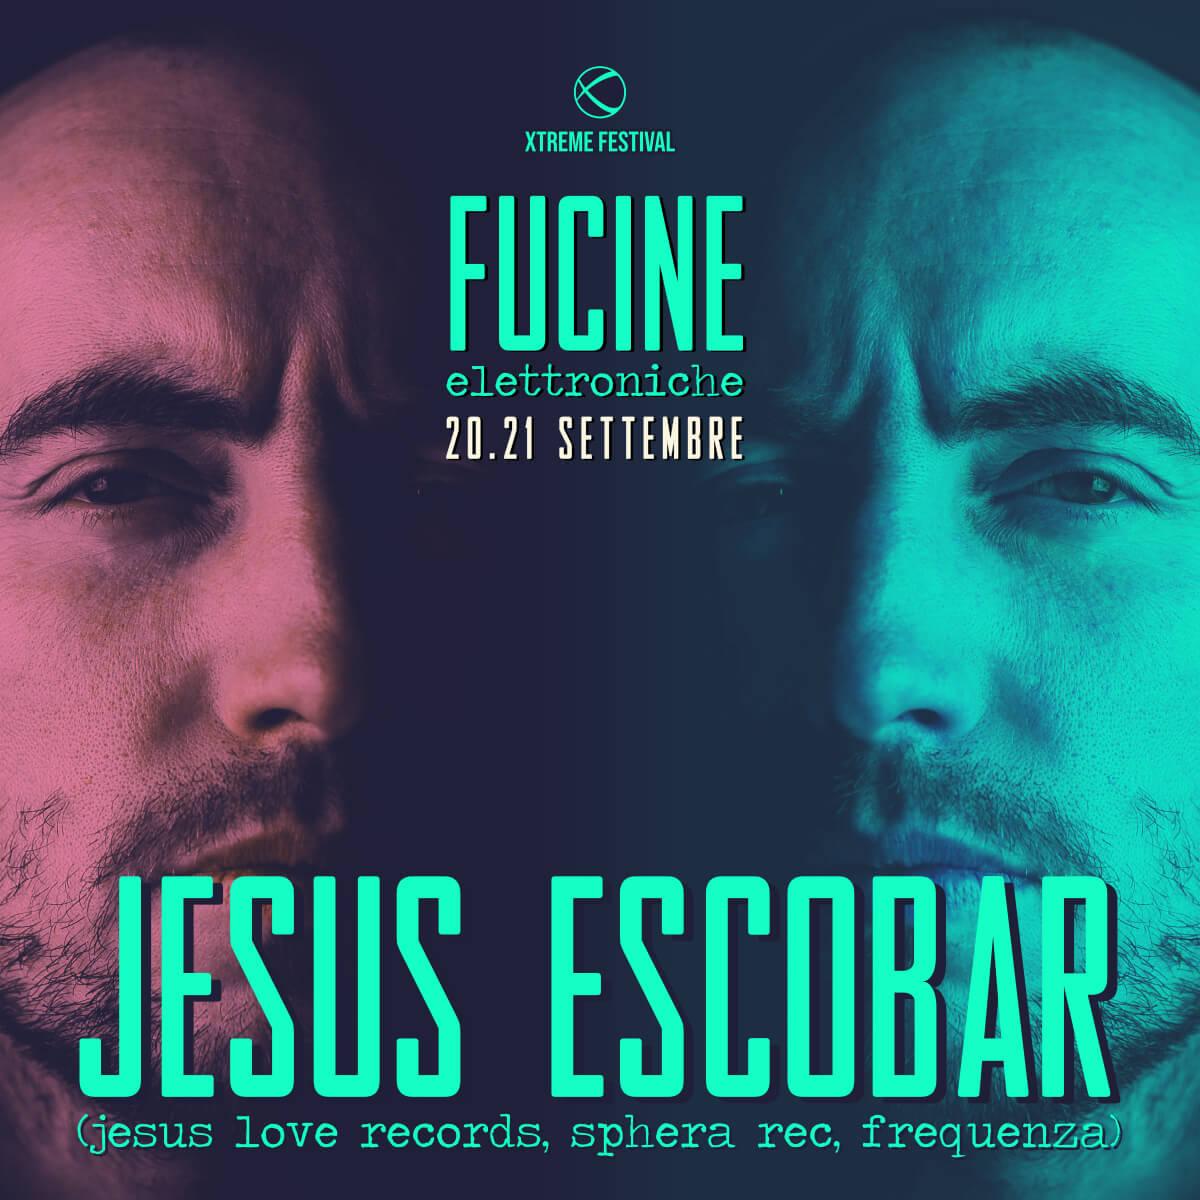 Jesus Escobar - Fucine Elettroniche Belluno - Xtreme Festival